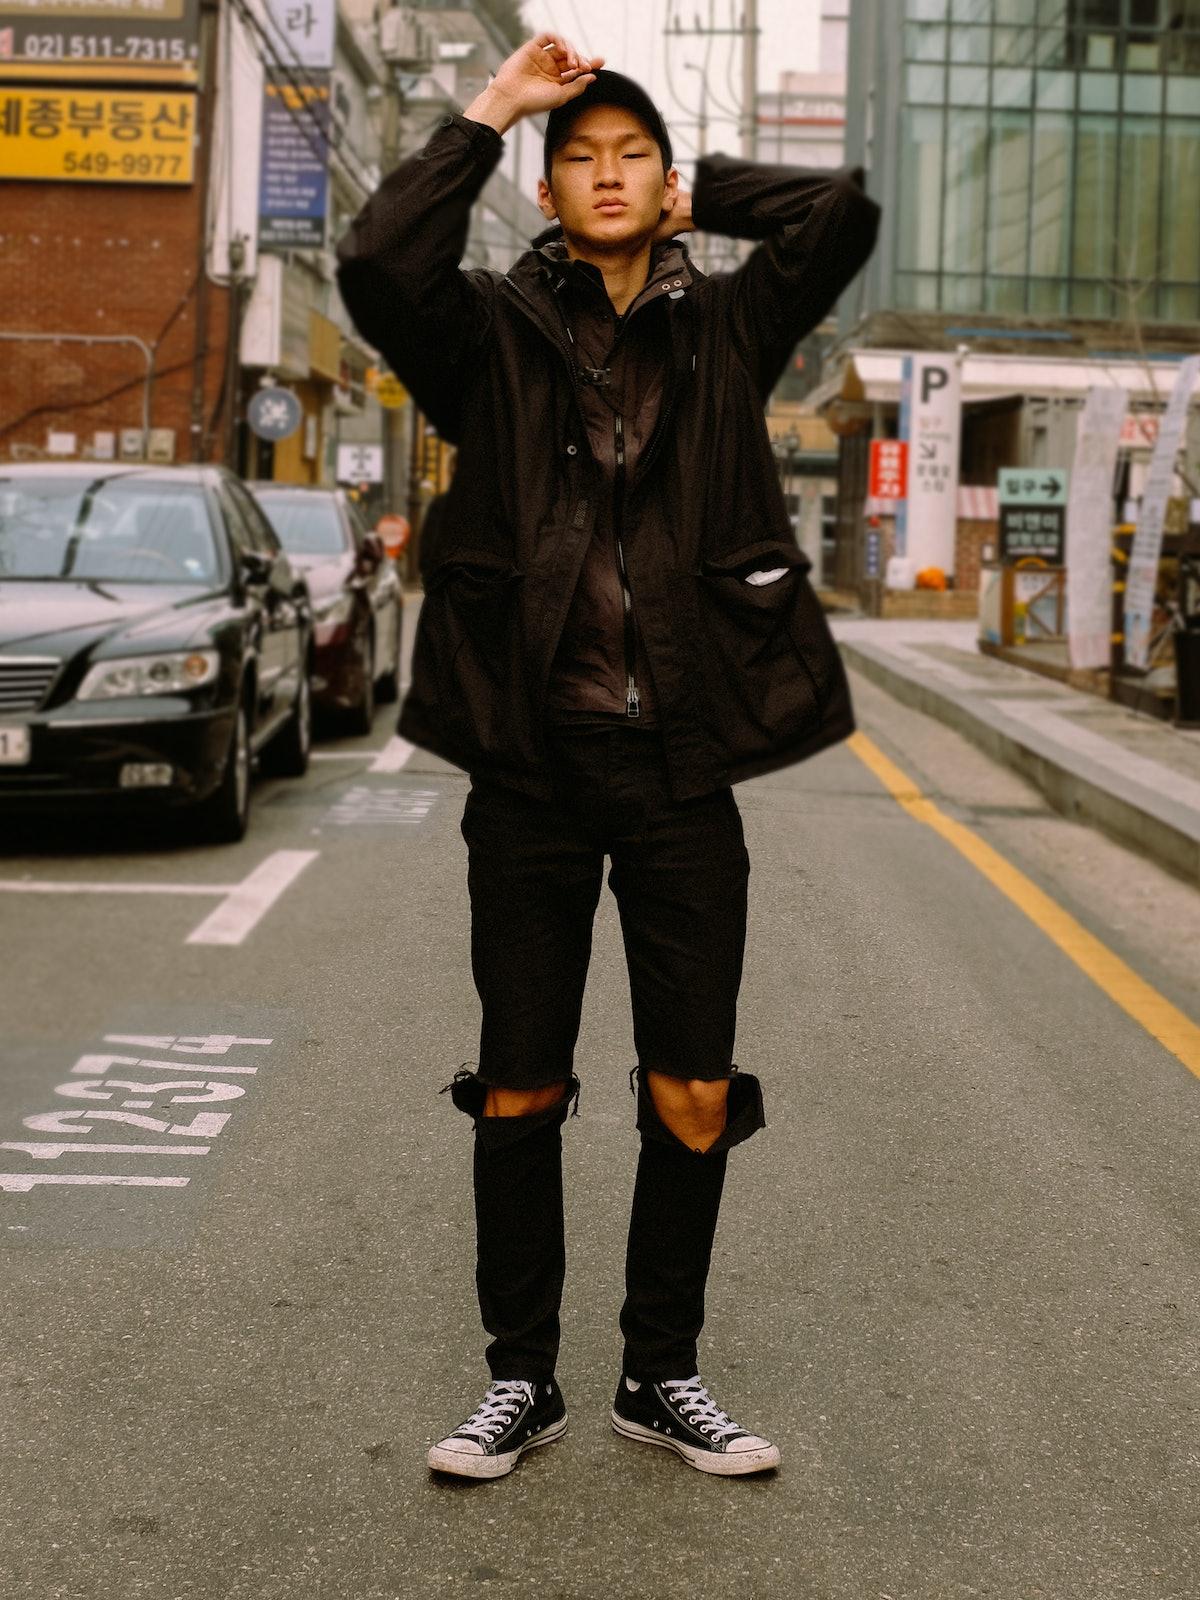 Baek-Joon-Young.jpg